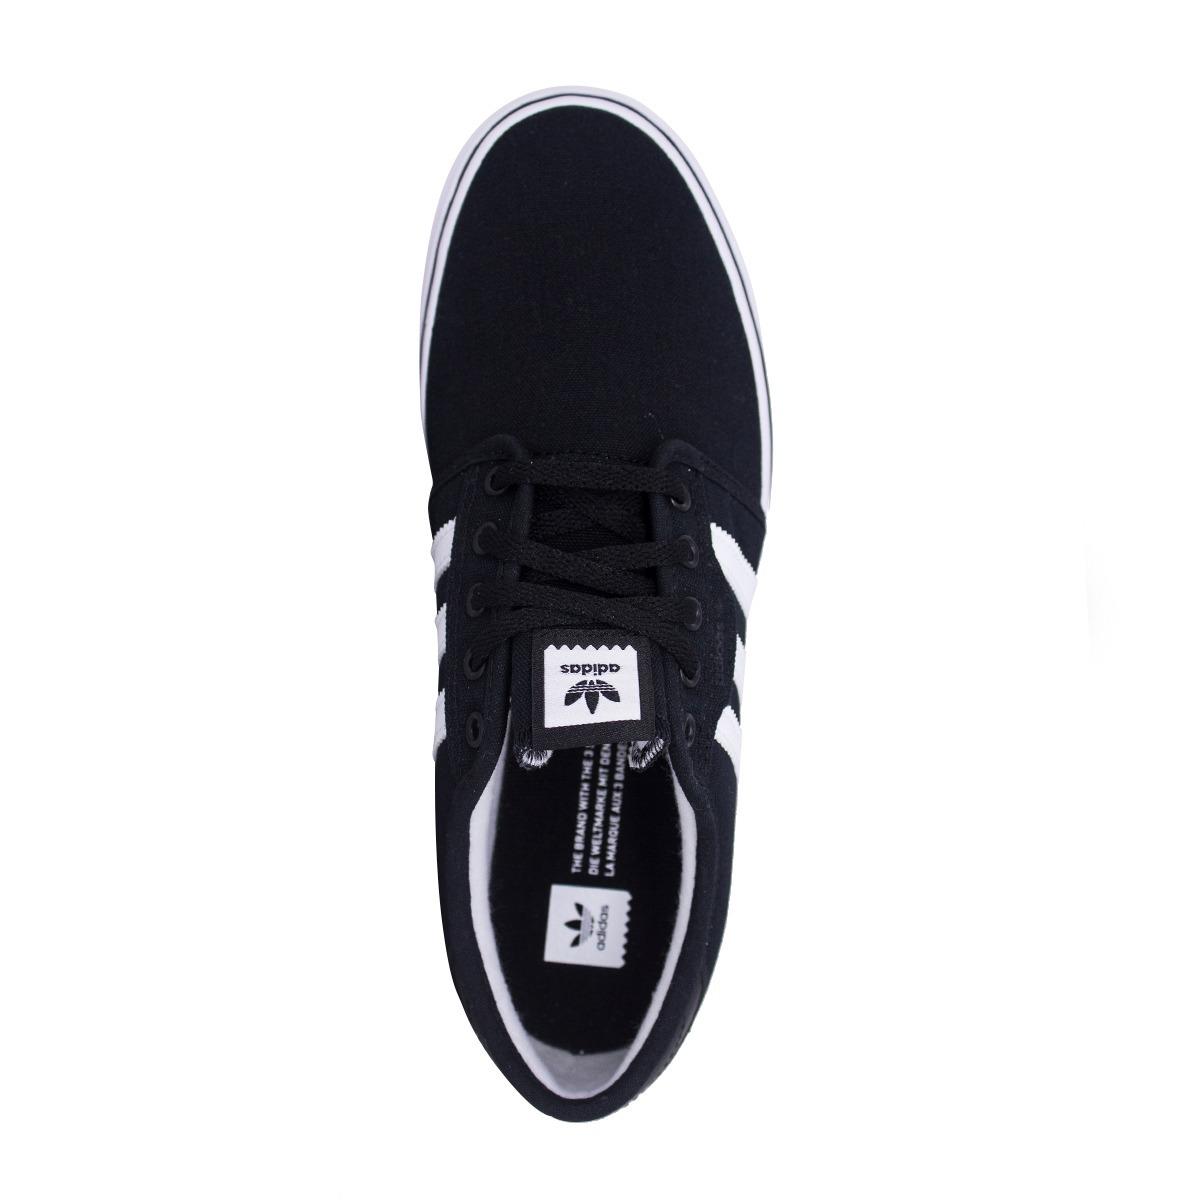 tenis adidas seeley preto branco f37427 original. Carregando zoom. 8984a81b063d5